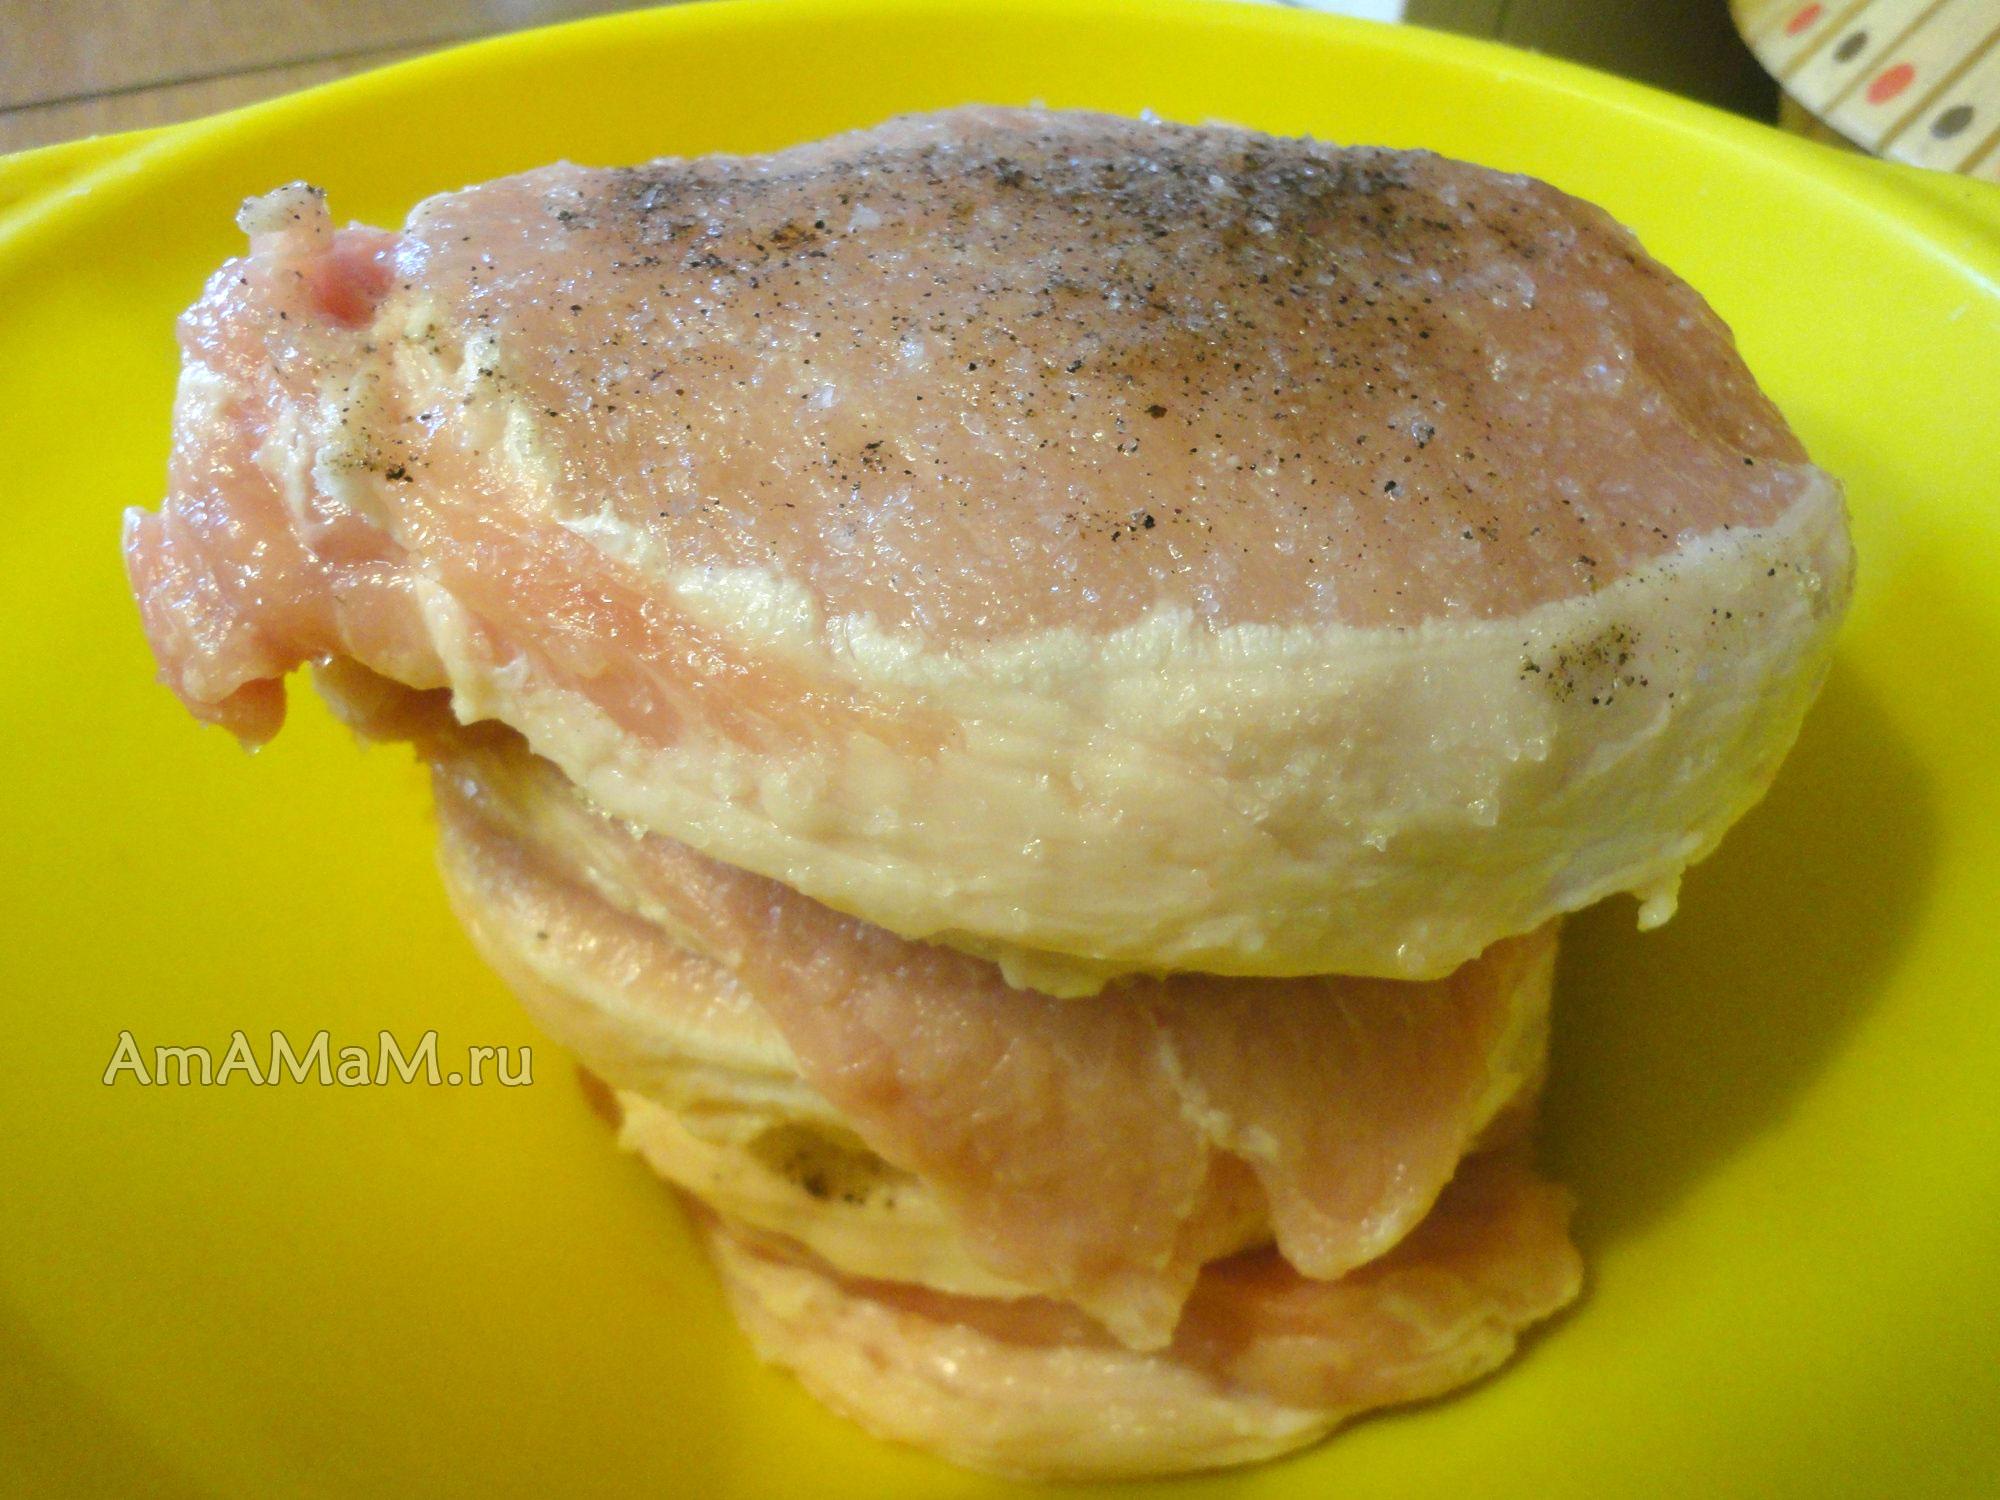 запеченная отбивная свинина рецепт с фото в духовке